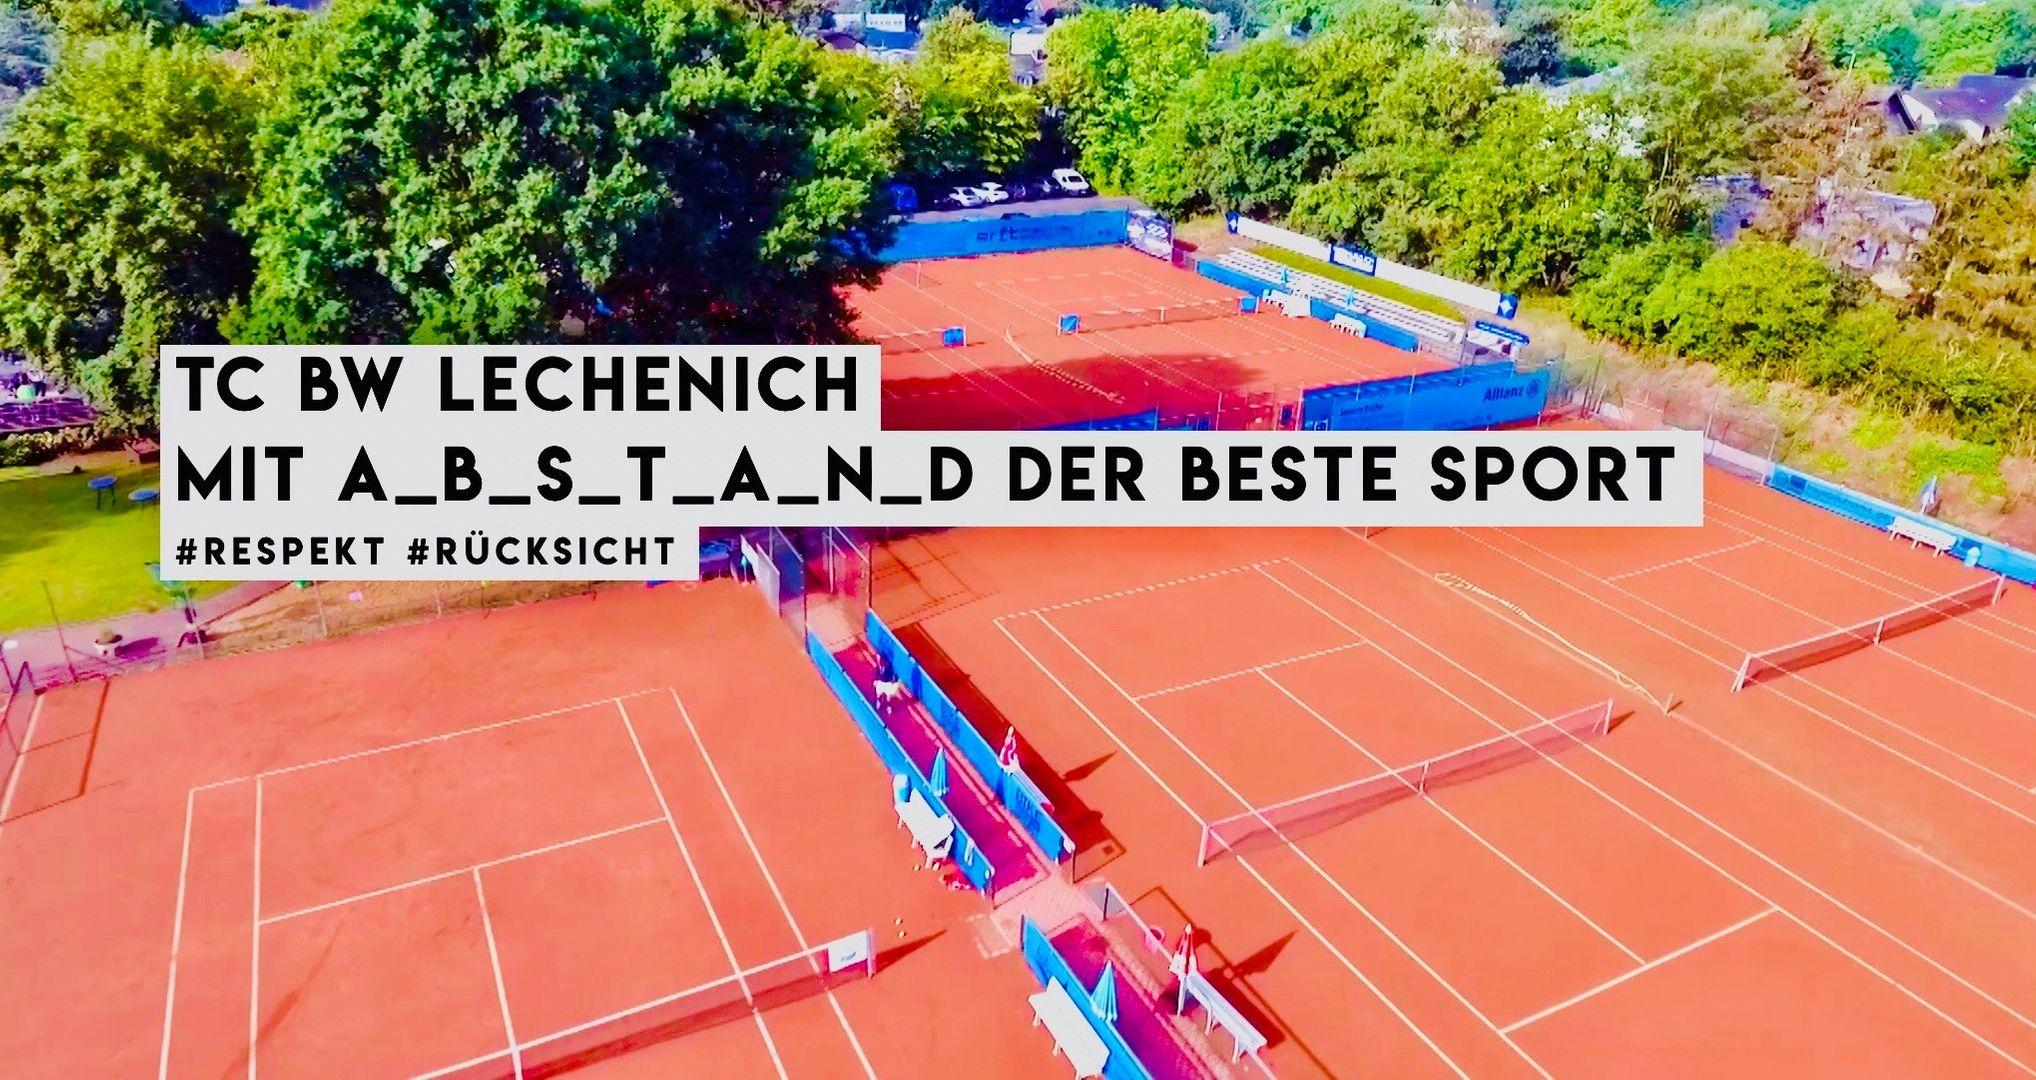 TCL Training | TC Blau-Weiß Lechenich e.V.